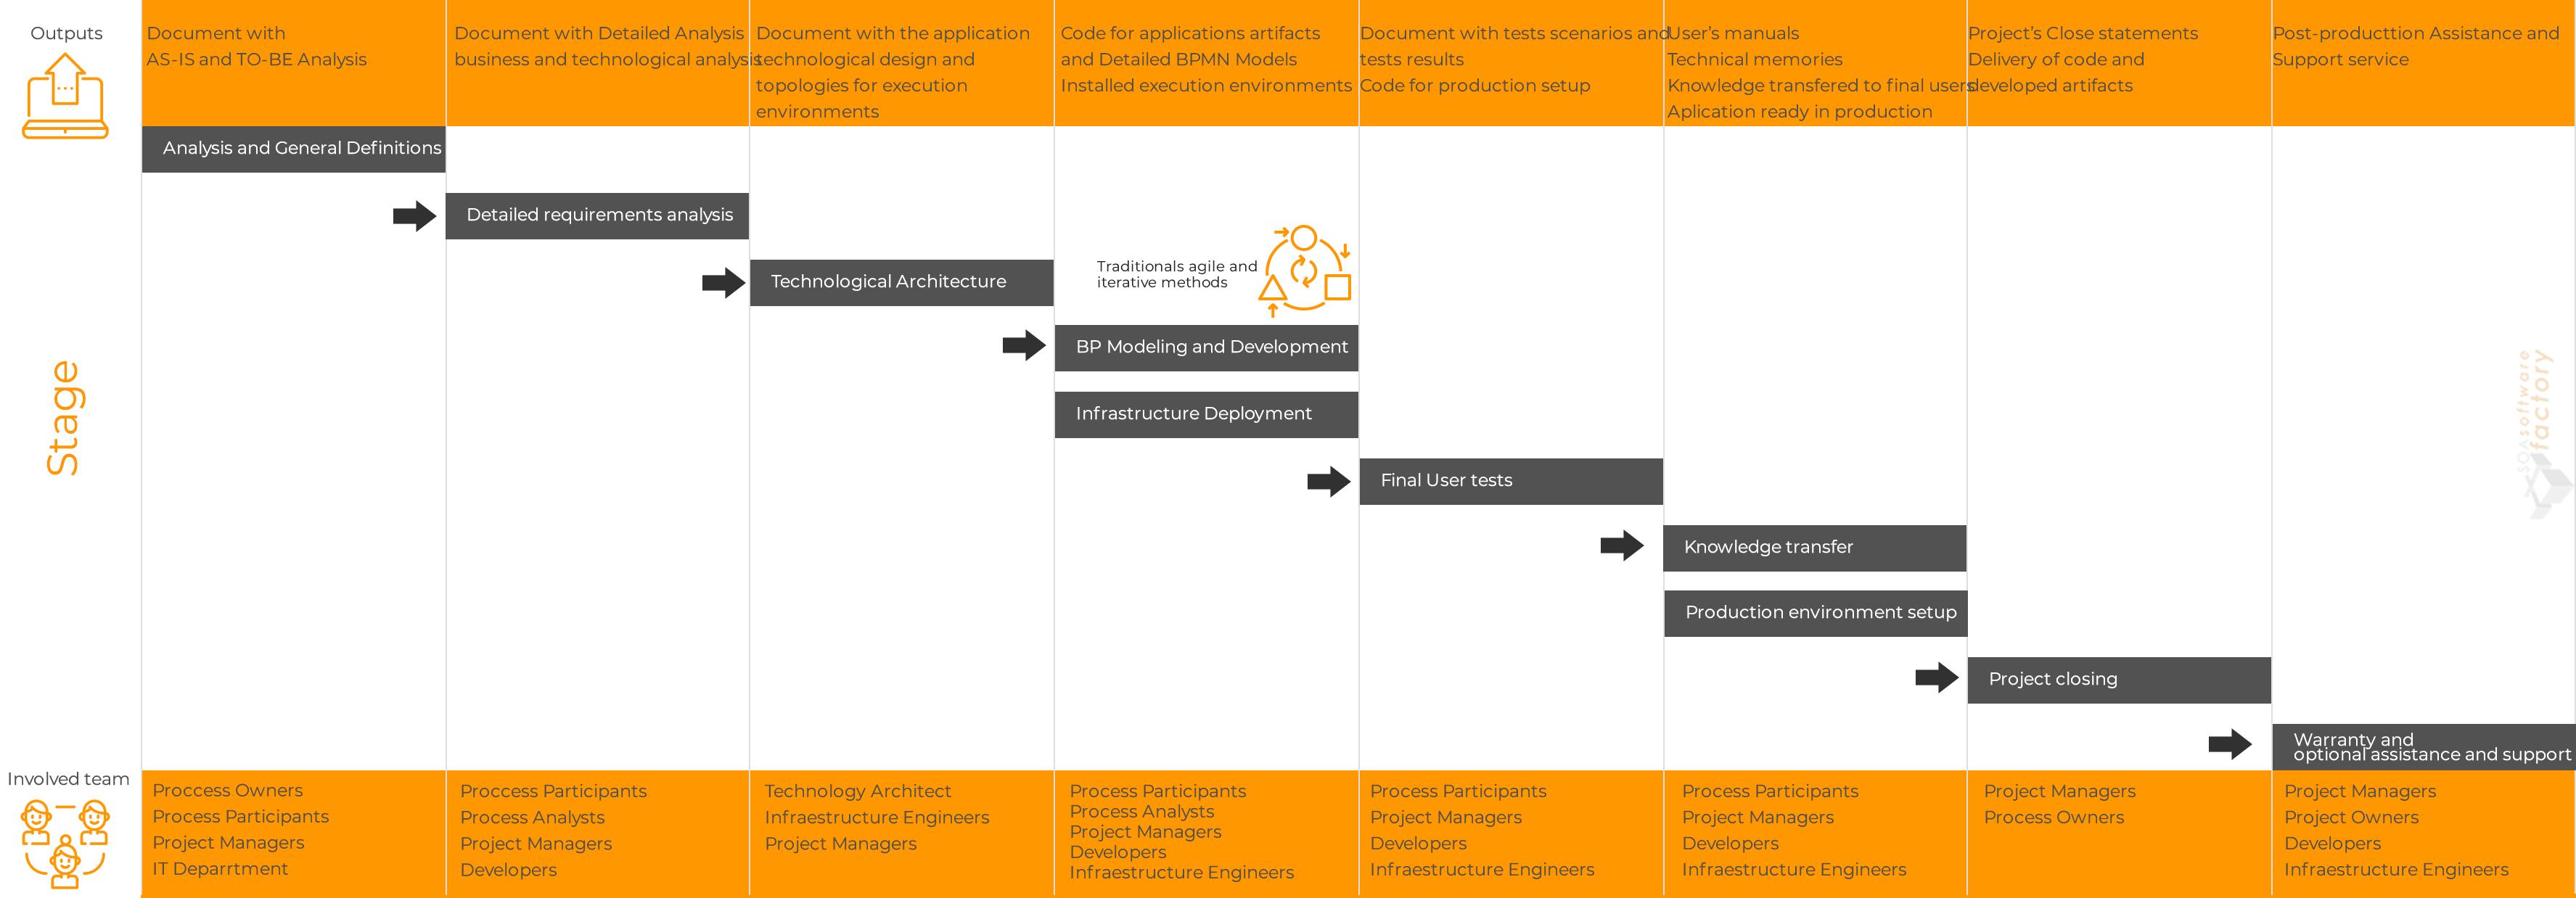 BPM_Project_Plan_EN